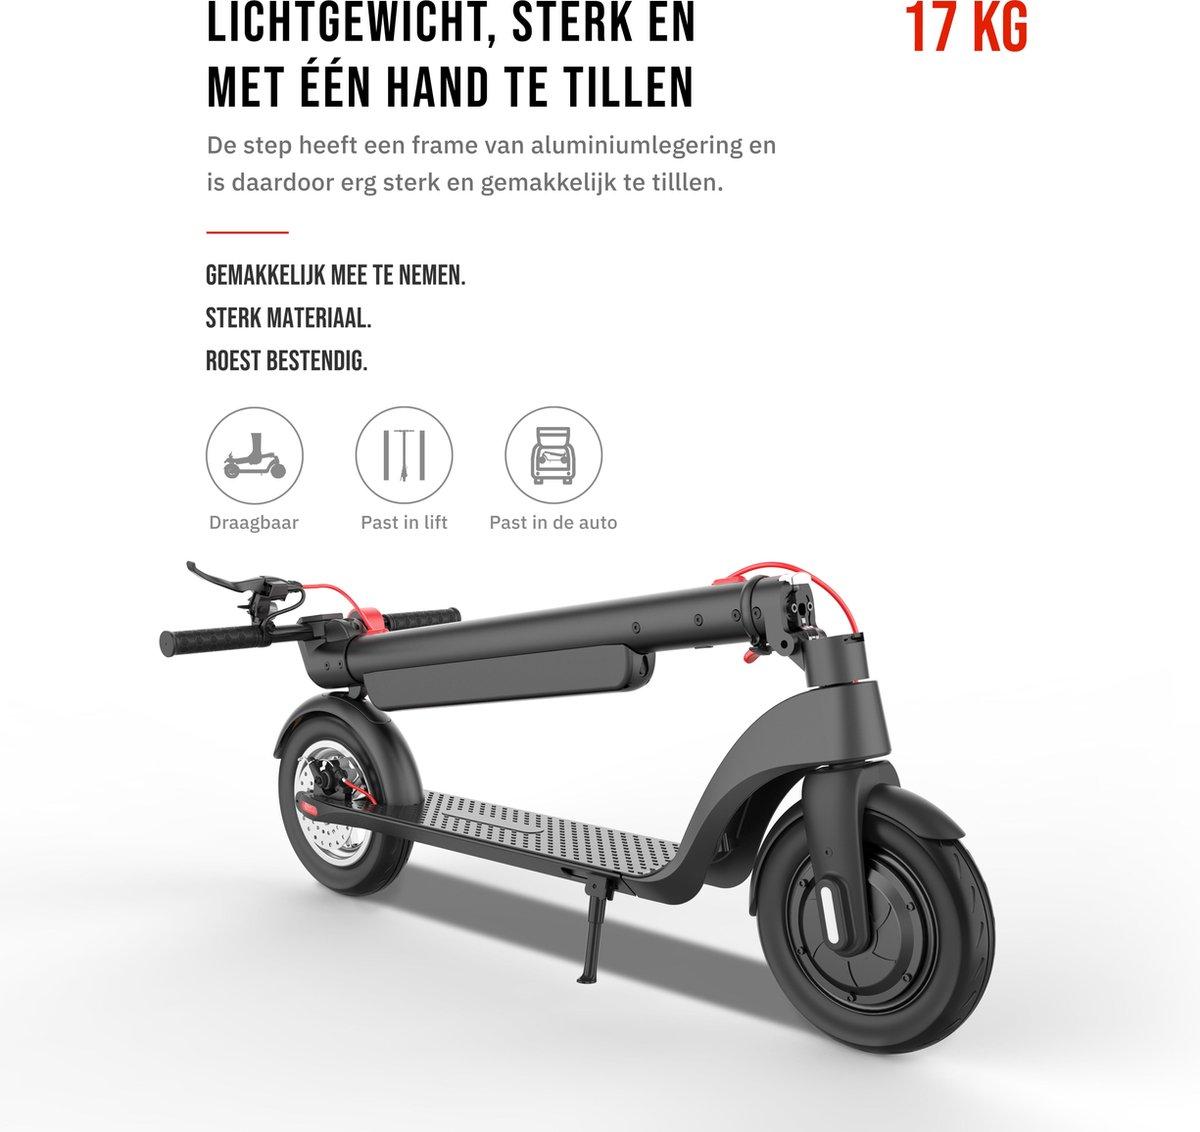 Doogo X8 Elektrische Step - E-Scooter - Voor Volwassenen - Afneembare batterij - 10 Inch Schokbestendige Wielen - Cruise Control